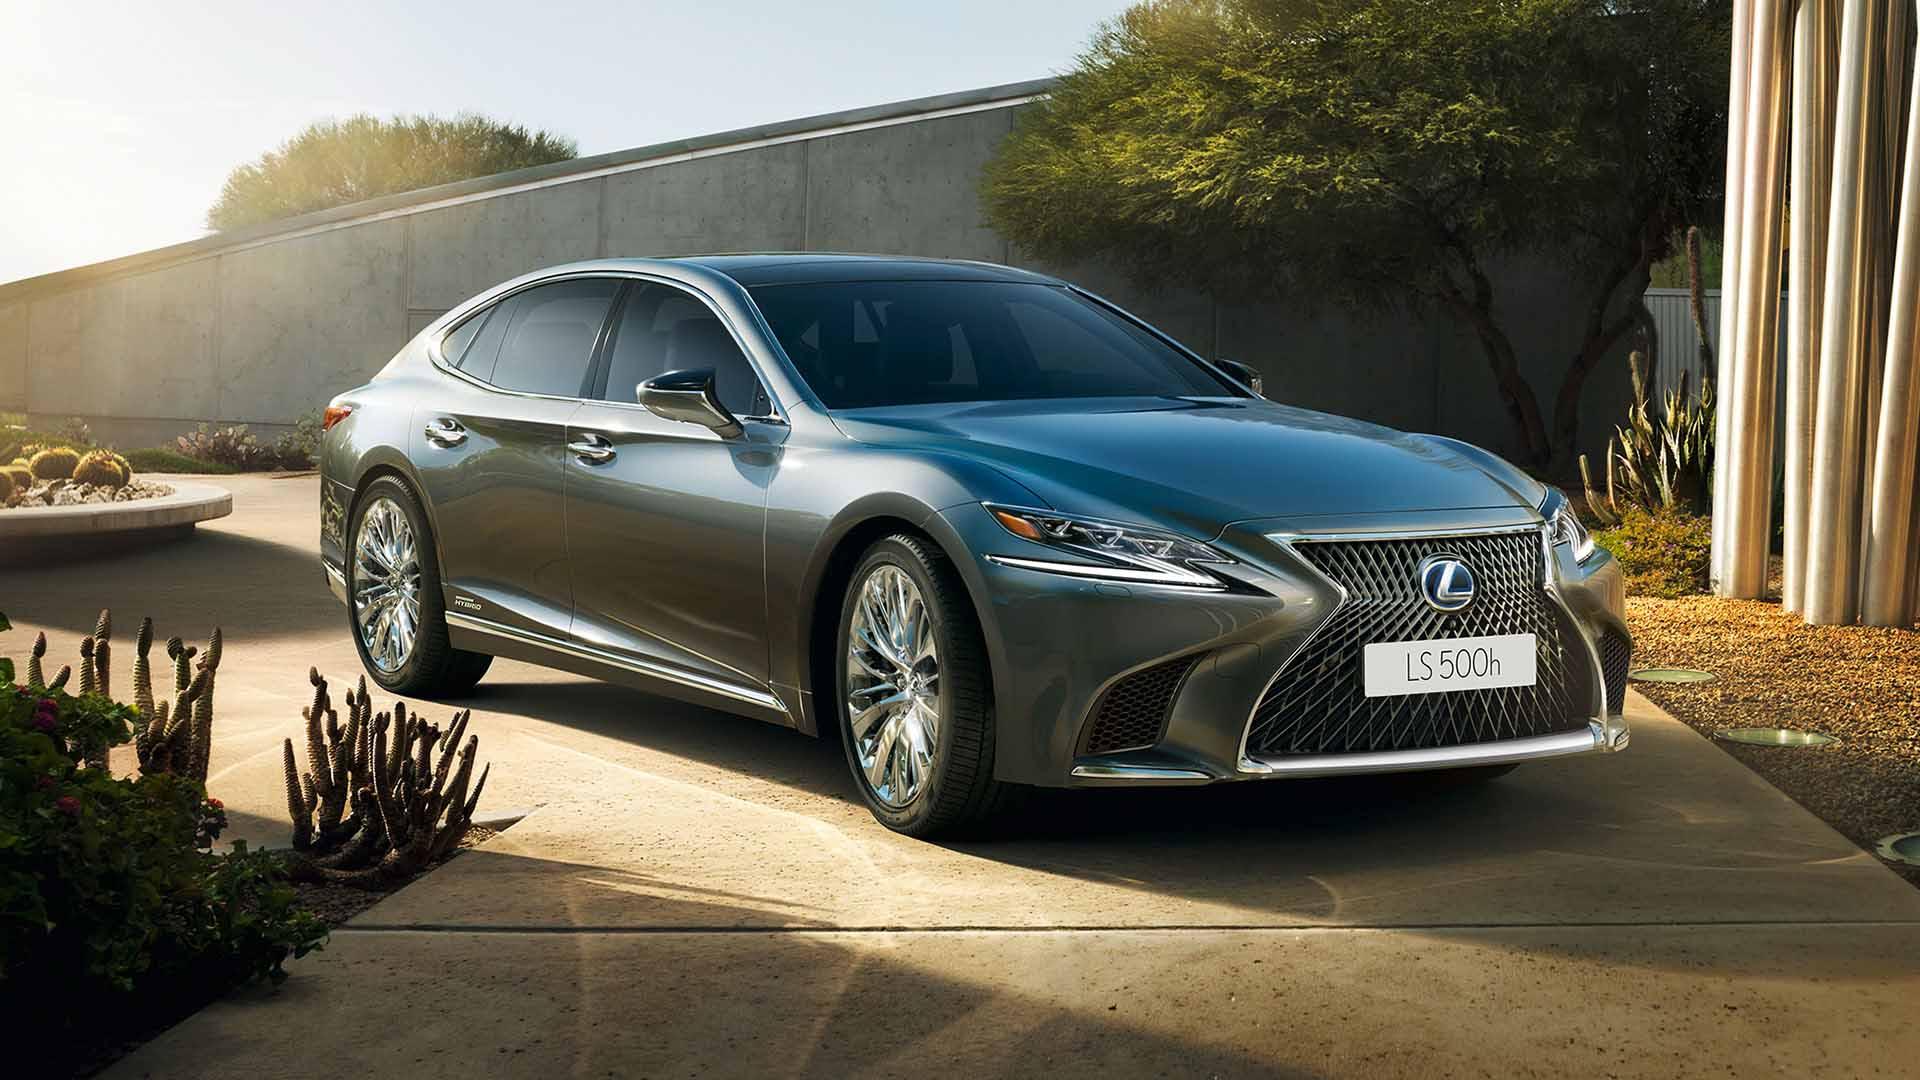 2017 lexus ls 500h next steps personalise